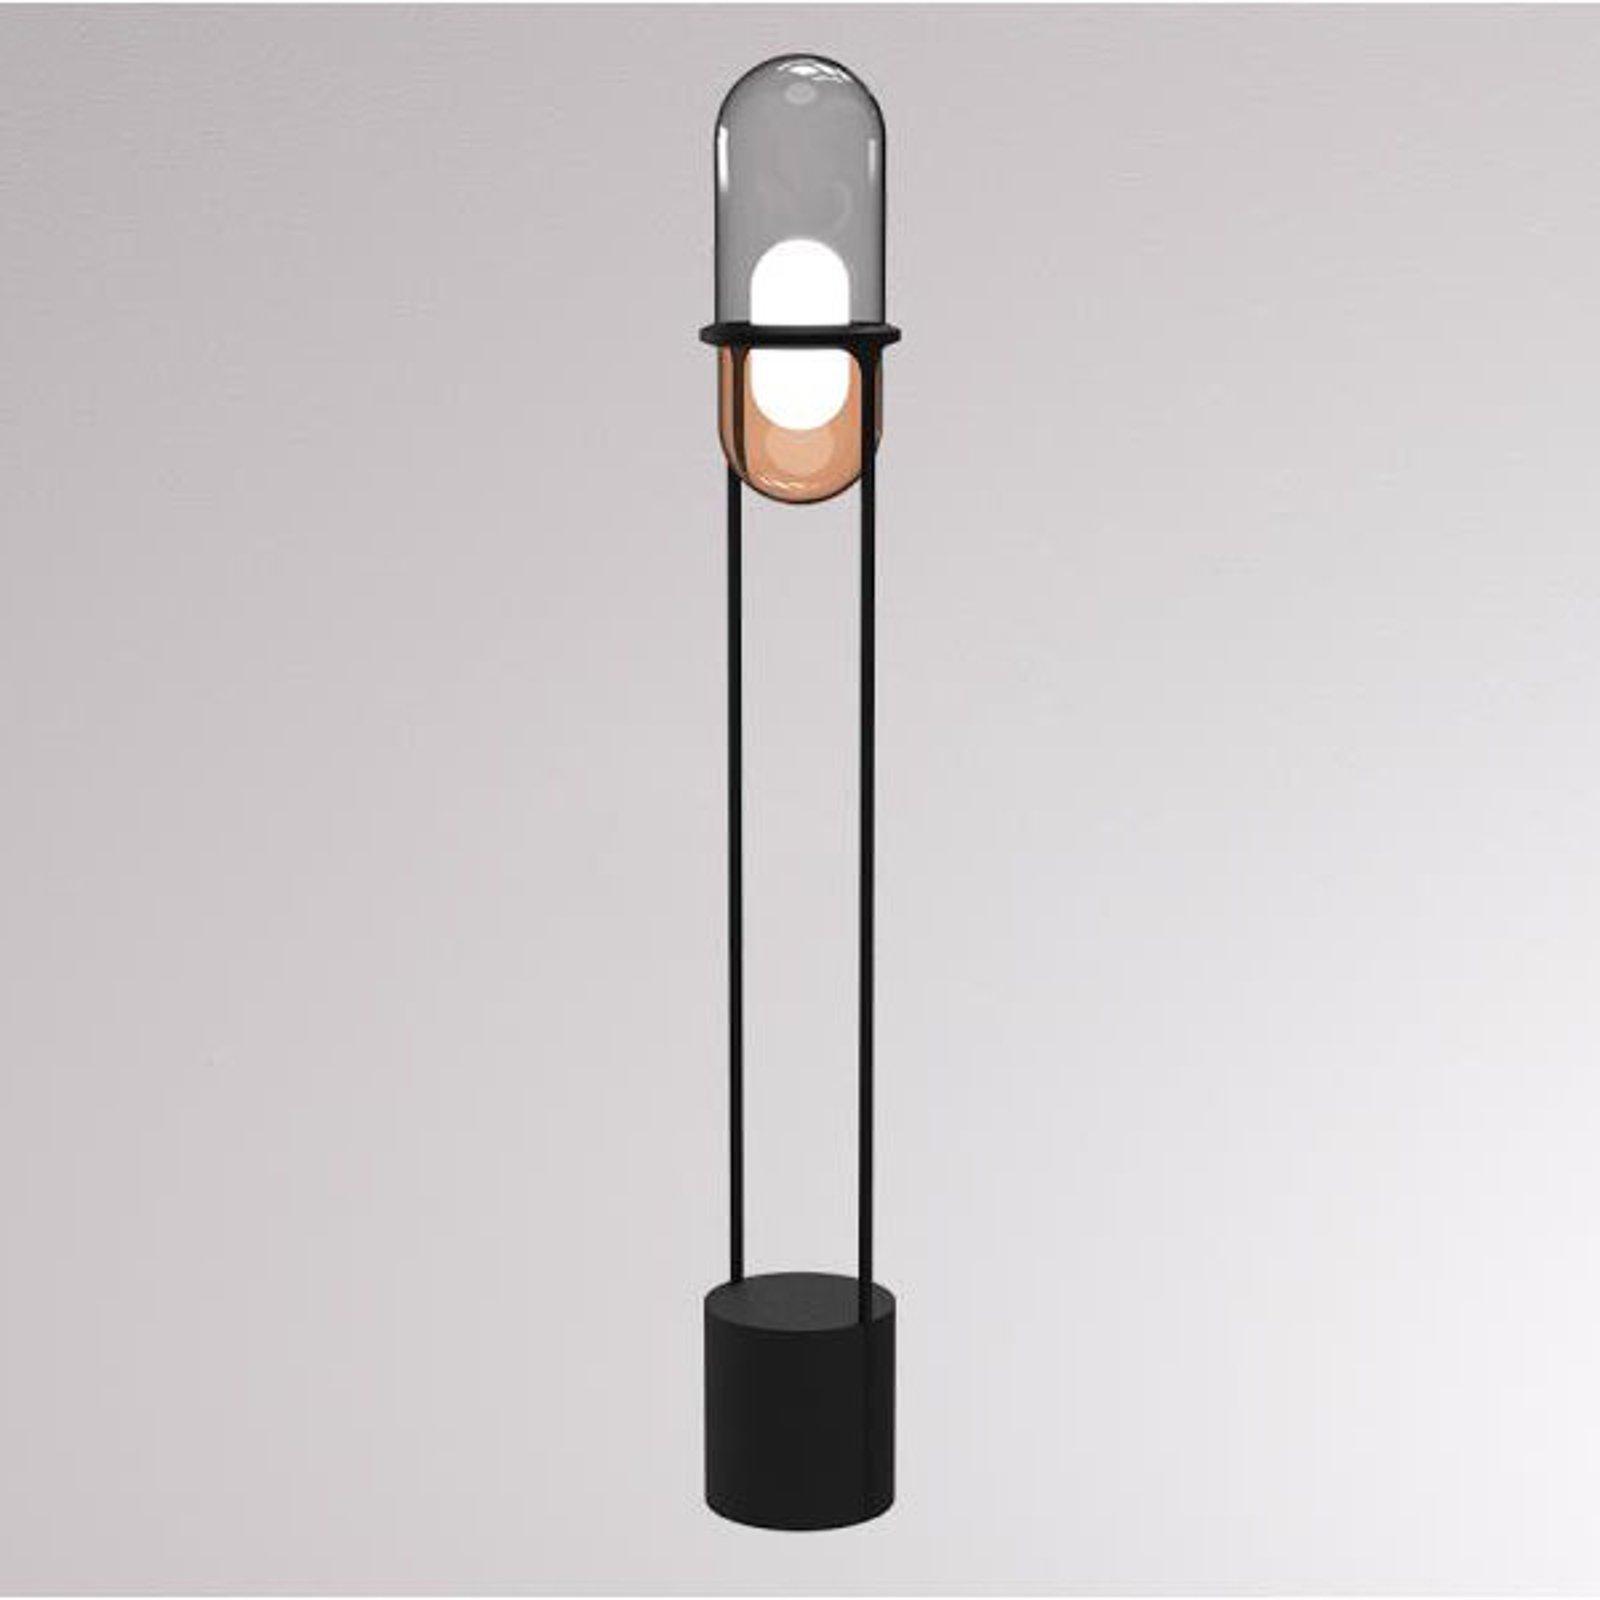 LOUM Pille LED-gulvlampe grå/kobber